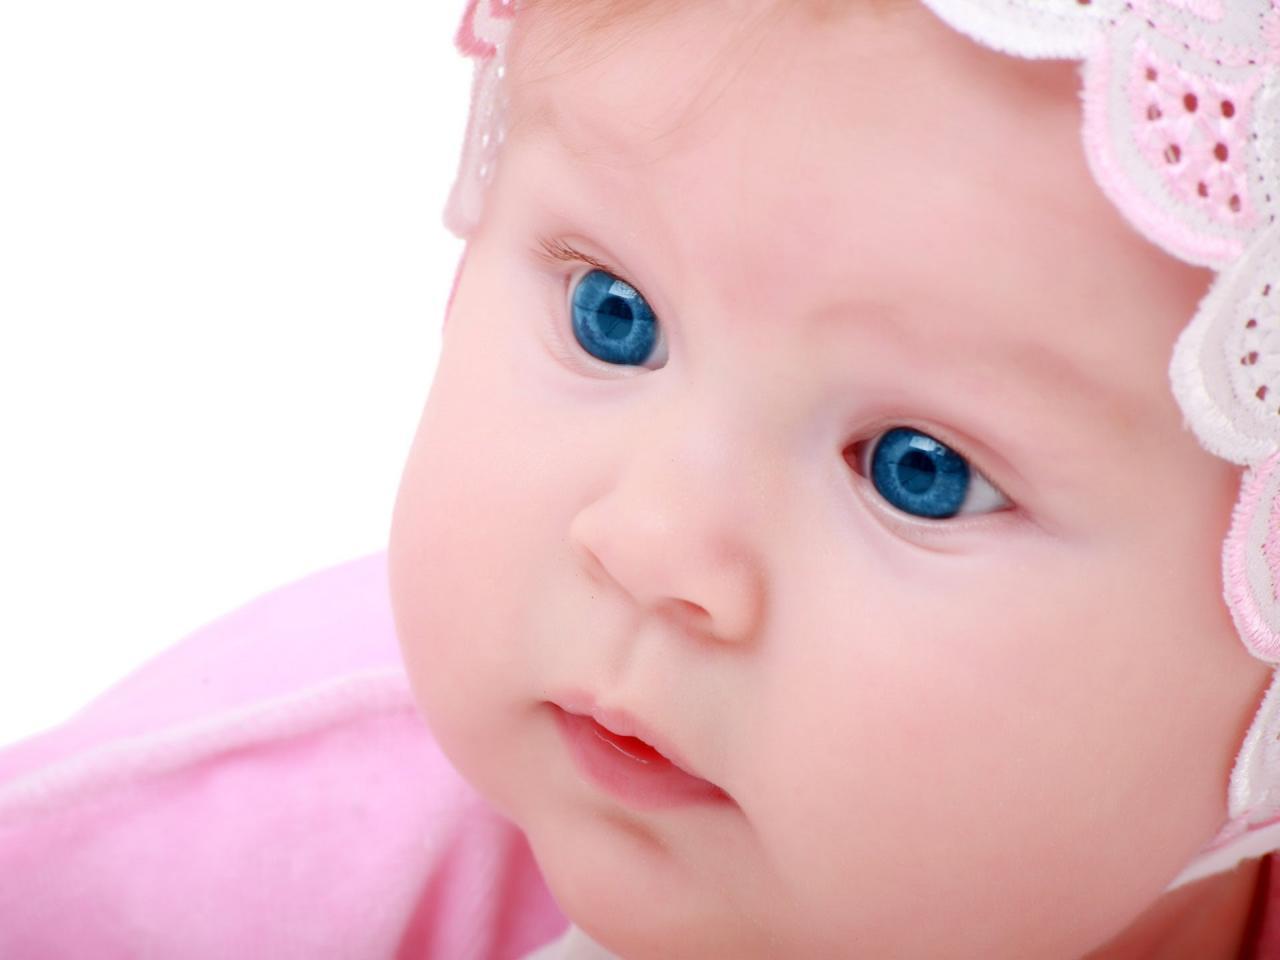 صورة احلى الصور للاطفال الصغار , ماشاء الله هذا ملاك